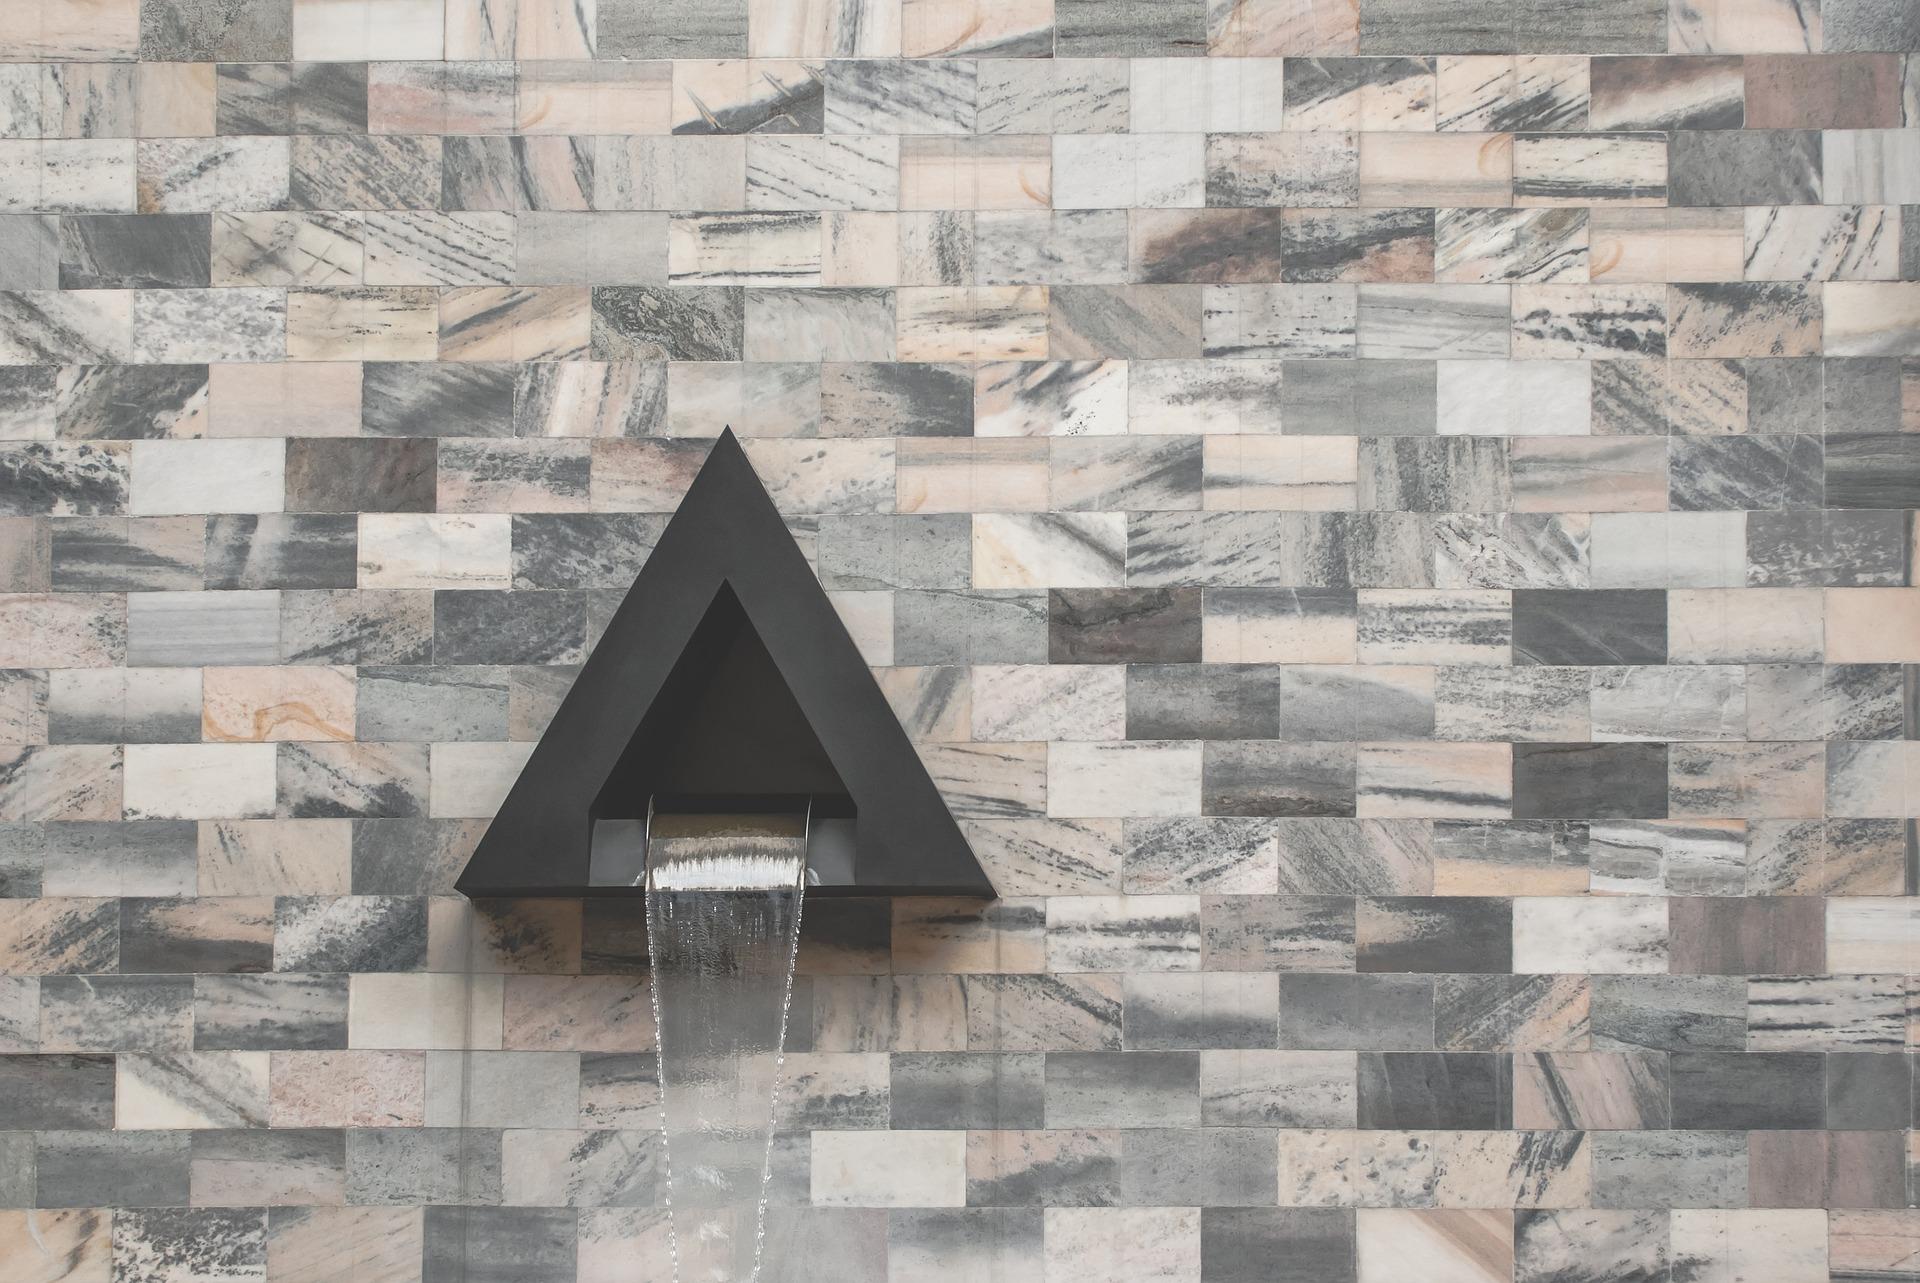 Вартість даного фонтану поки не визначена. Як зазначає головний львівський архітектор Юліан Чаплінський, благодійна фірма ще визначила остаточну вартість нового фонтану. Міська мерія зараз займається саме плануванням нового «сухого» фонтану. Цікаво те, що спочатку плануванням повинна була займатися саме благодійна фірма.